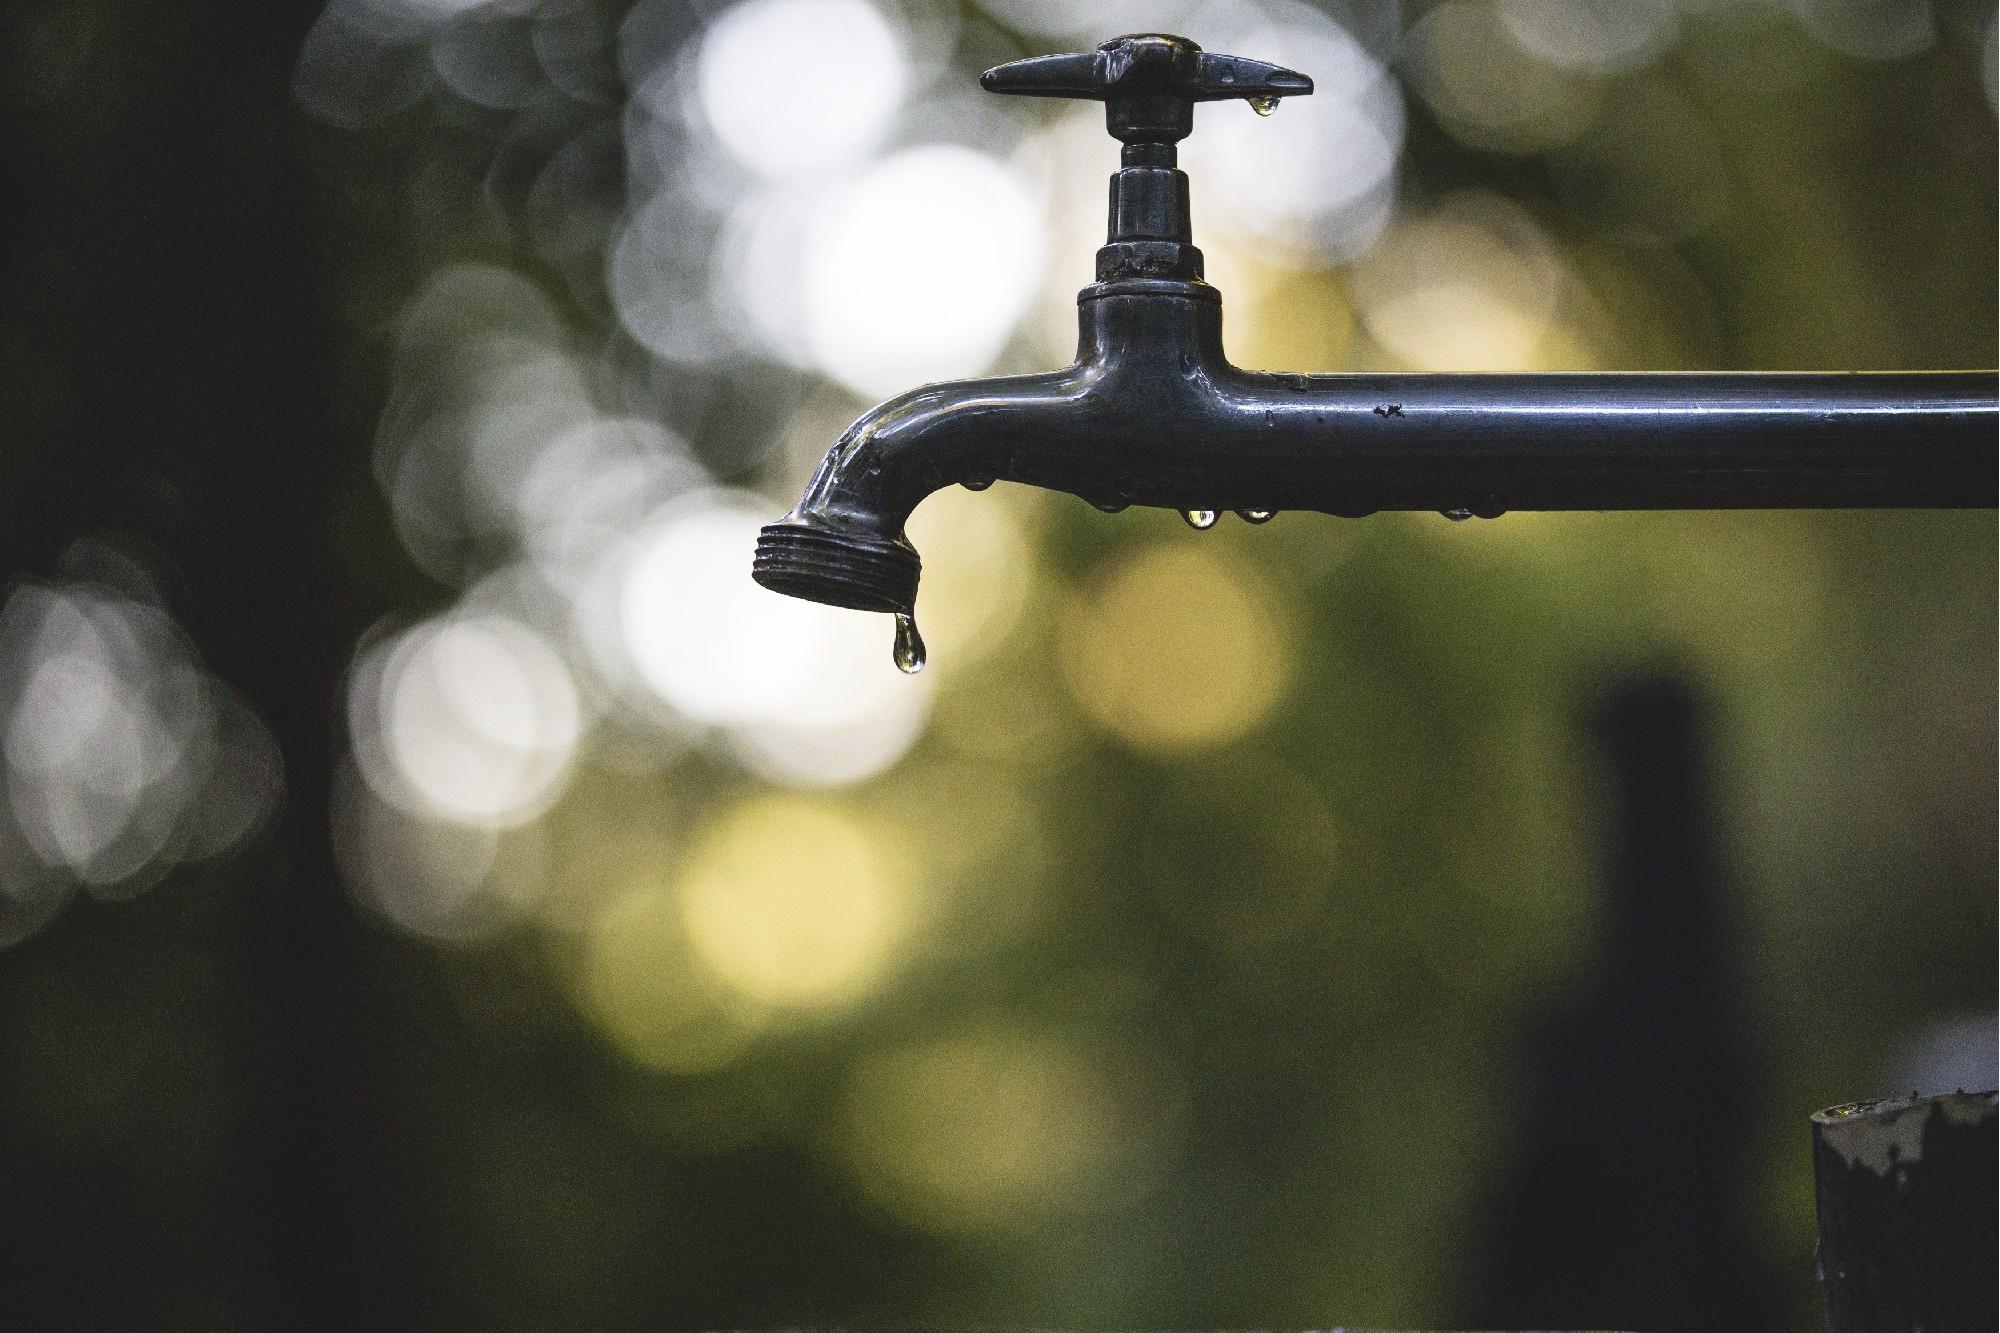 Interrupção no abastecimento de água engtre os dias 8 e 12 de março em Reguengos de Monsaraz, Santo António do Baldio, Carrapatelo, Telheiro e Caridade